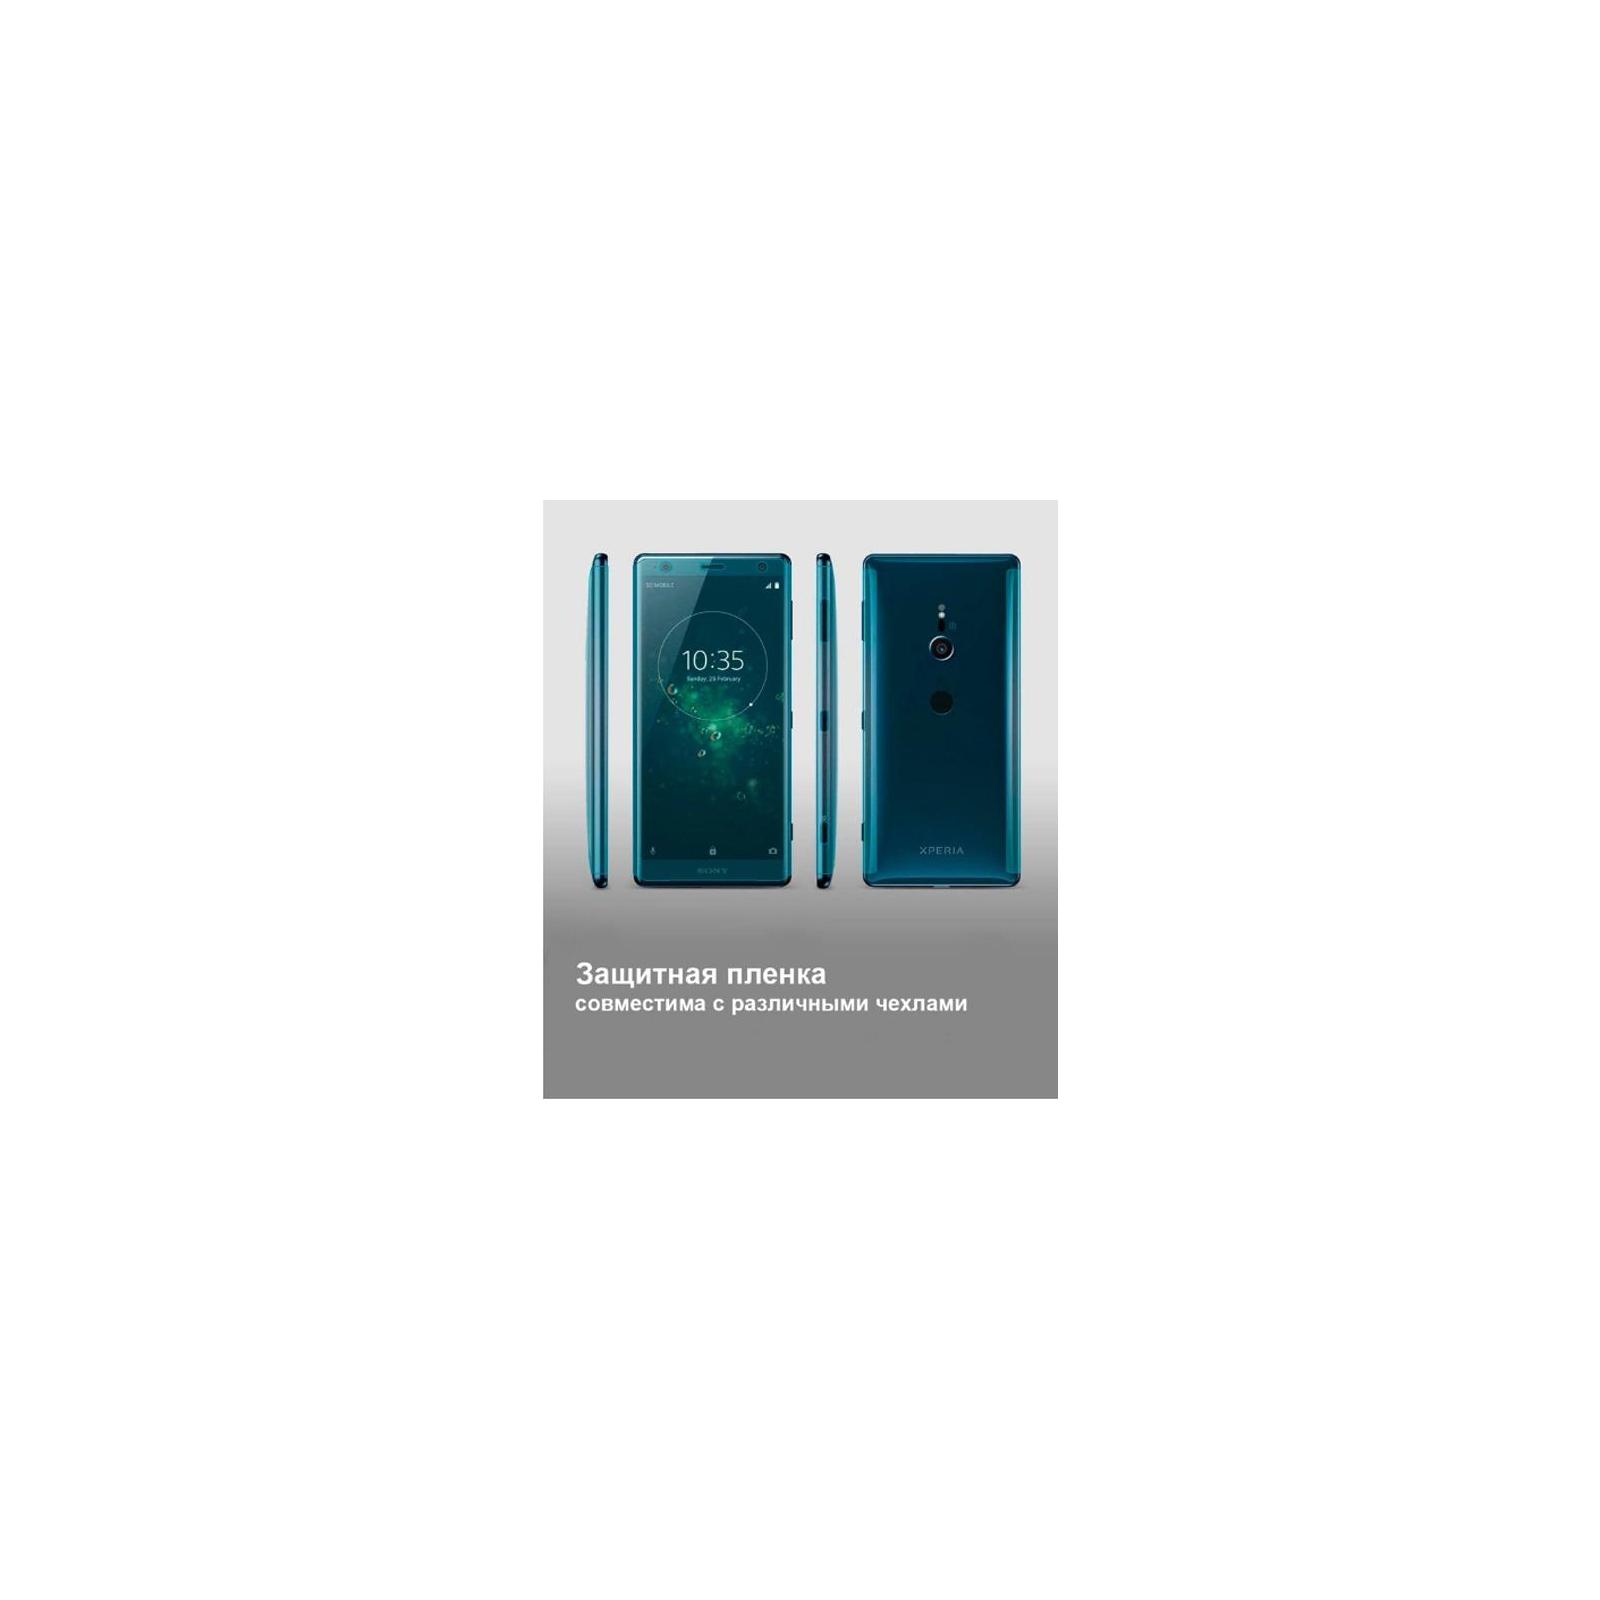 Пленка защитная Ringke для телефона Sony Xperia XZ2 Full Cover (RSP4455) изображение 4